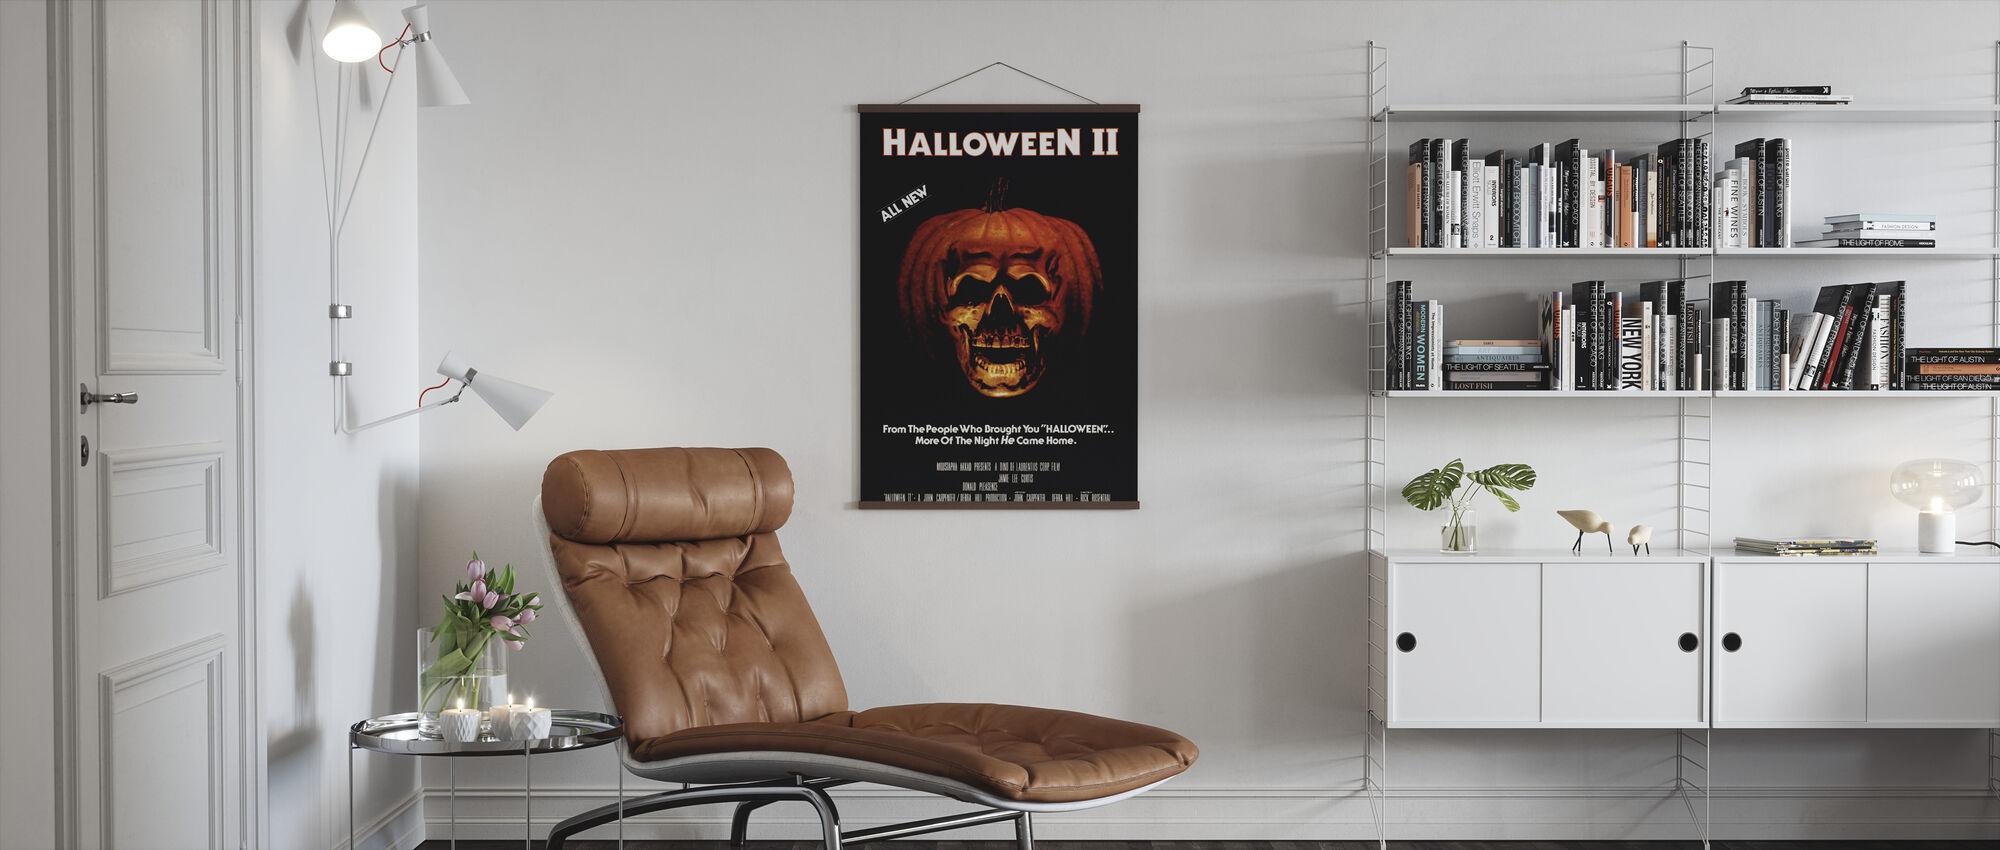 Halloween II - Poster - Living Room